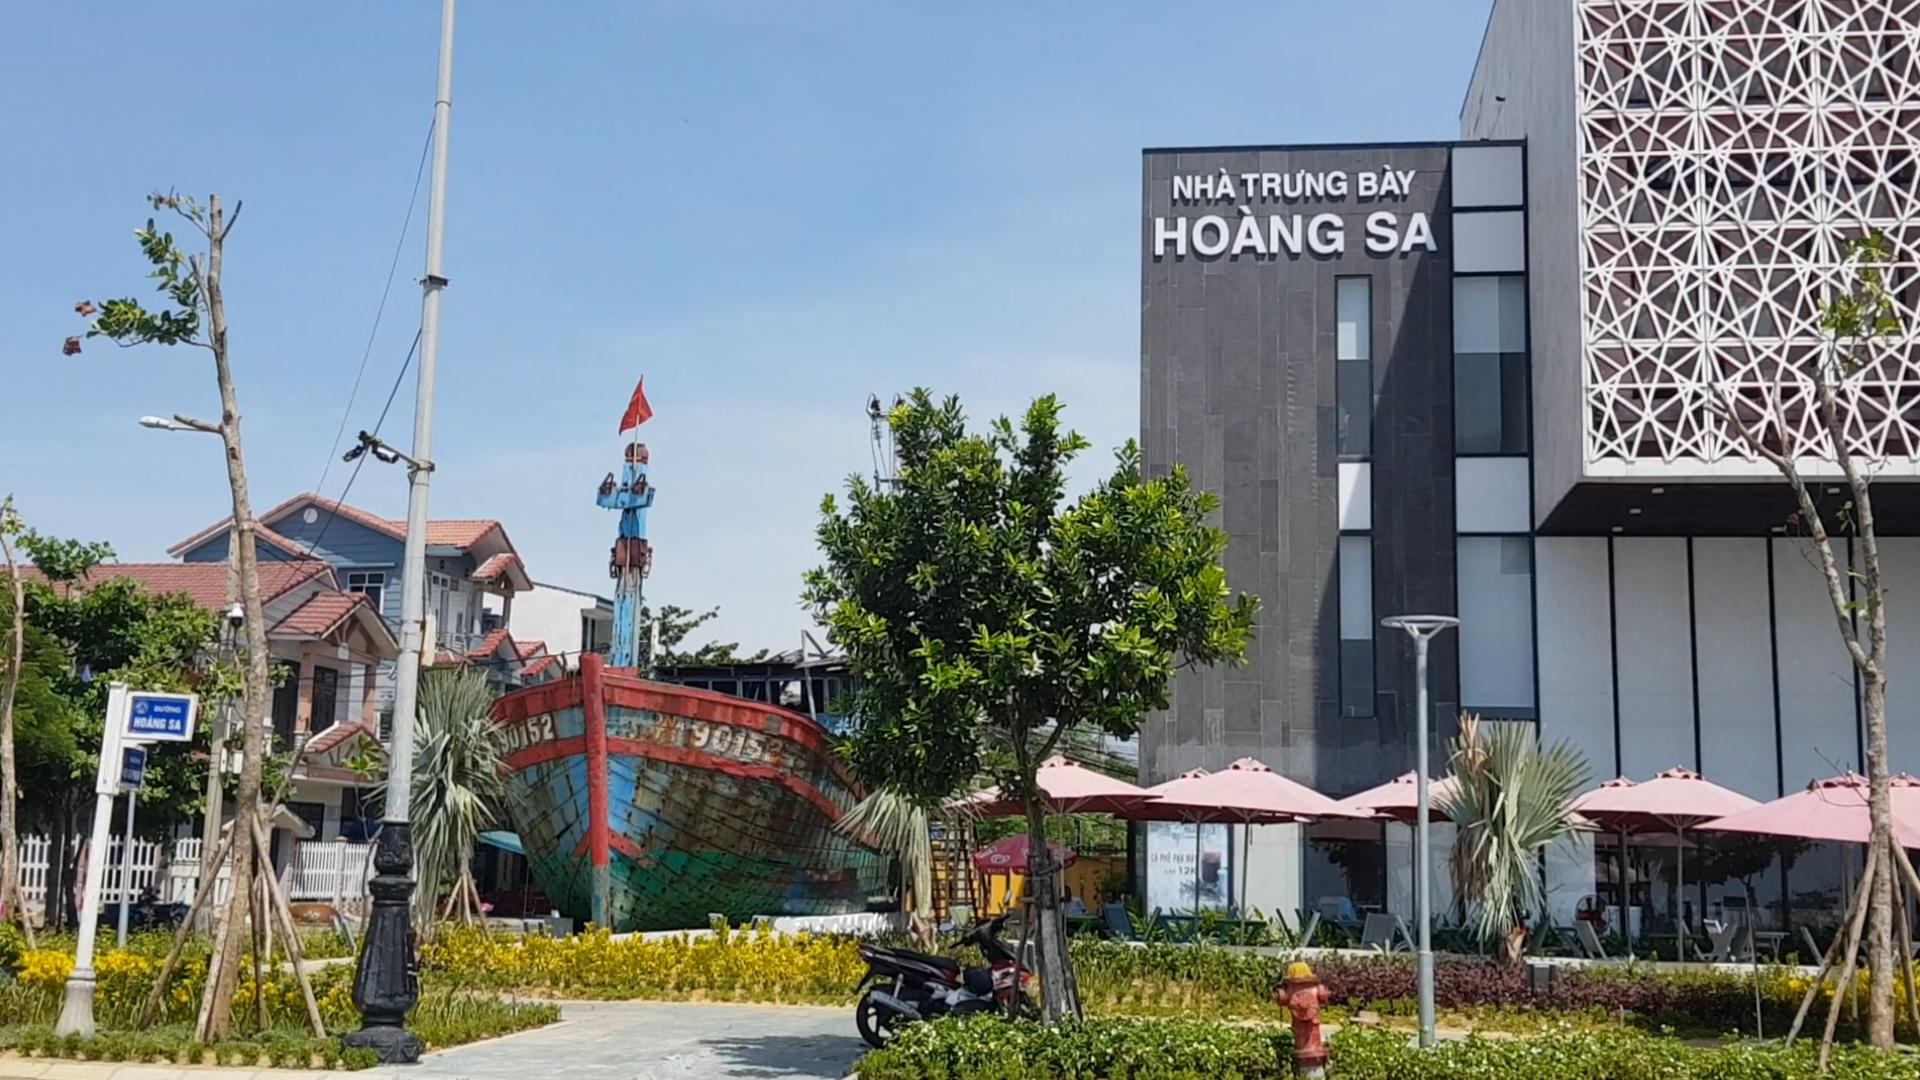 Đà Nẵng trưng bày tàu cá bị tàu nước ngoài đâm chìm ở Hoàng Sa